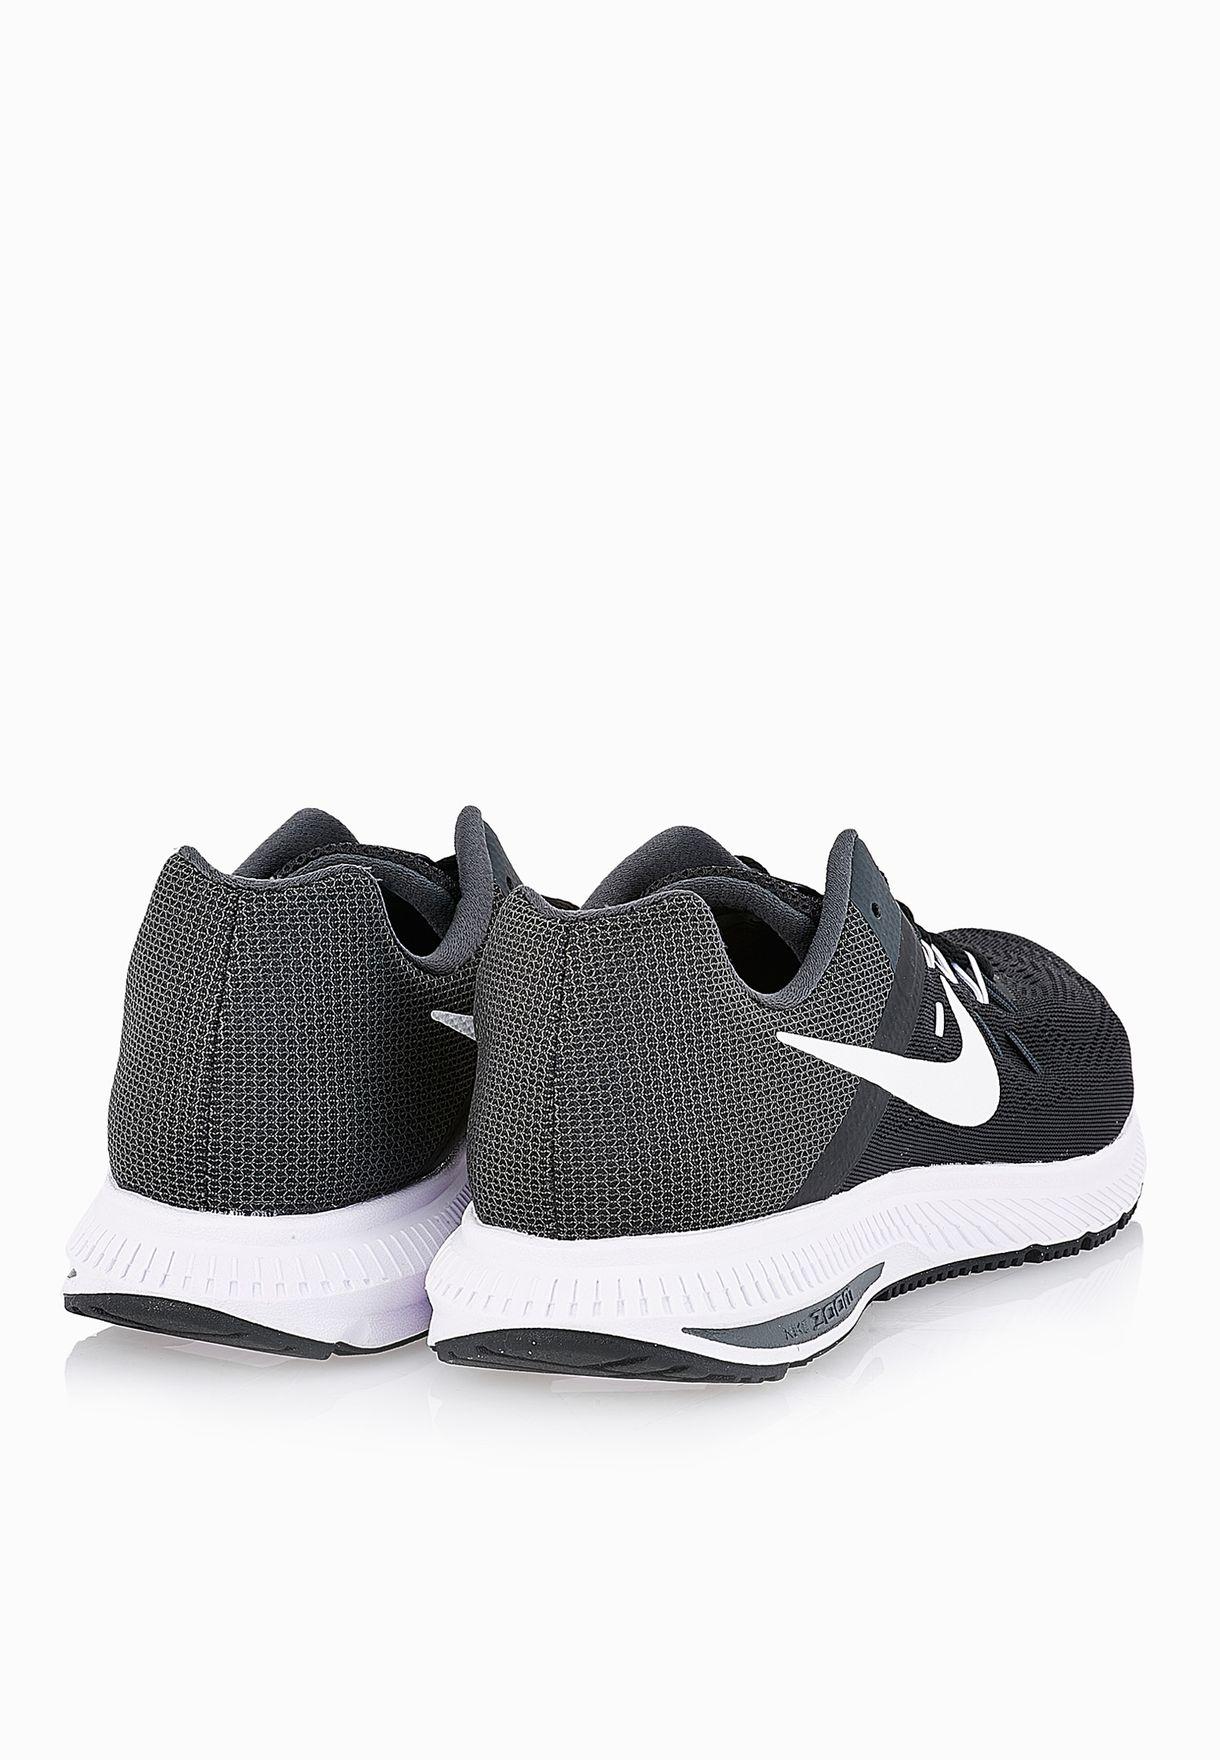 6d12c11af2a Shop Nike black Zoom Winflo 2 807276-001 for Men in Oman ...